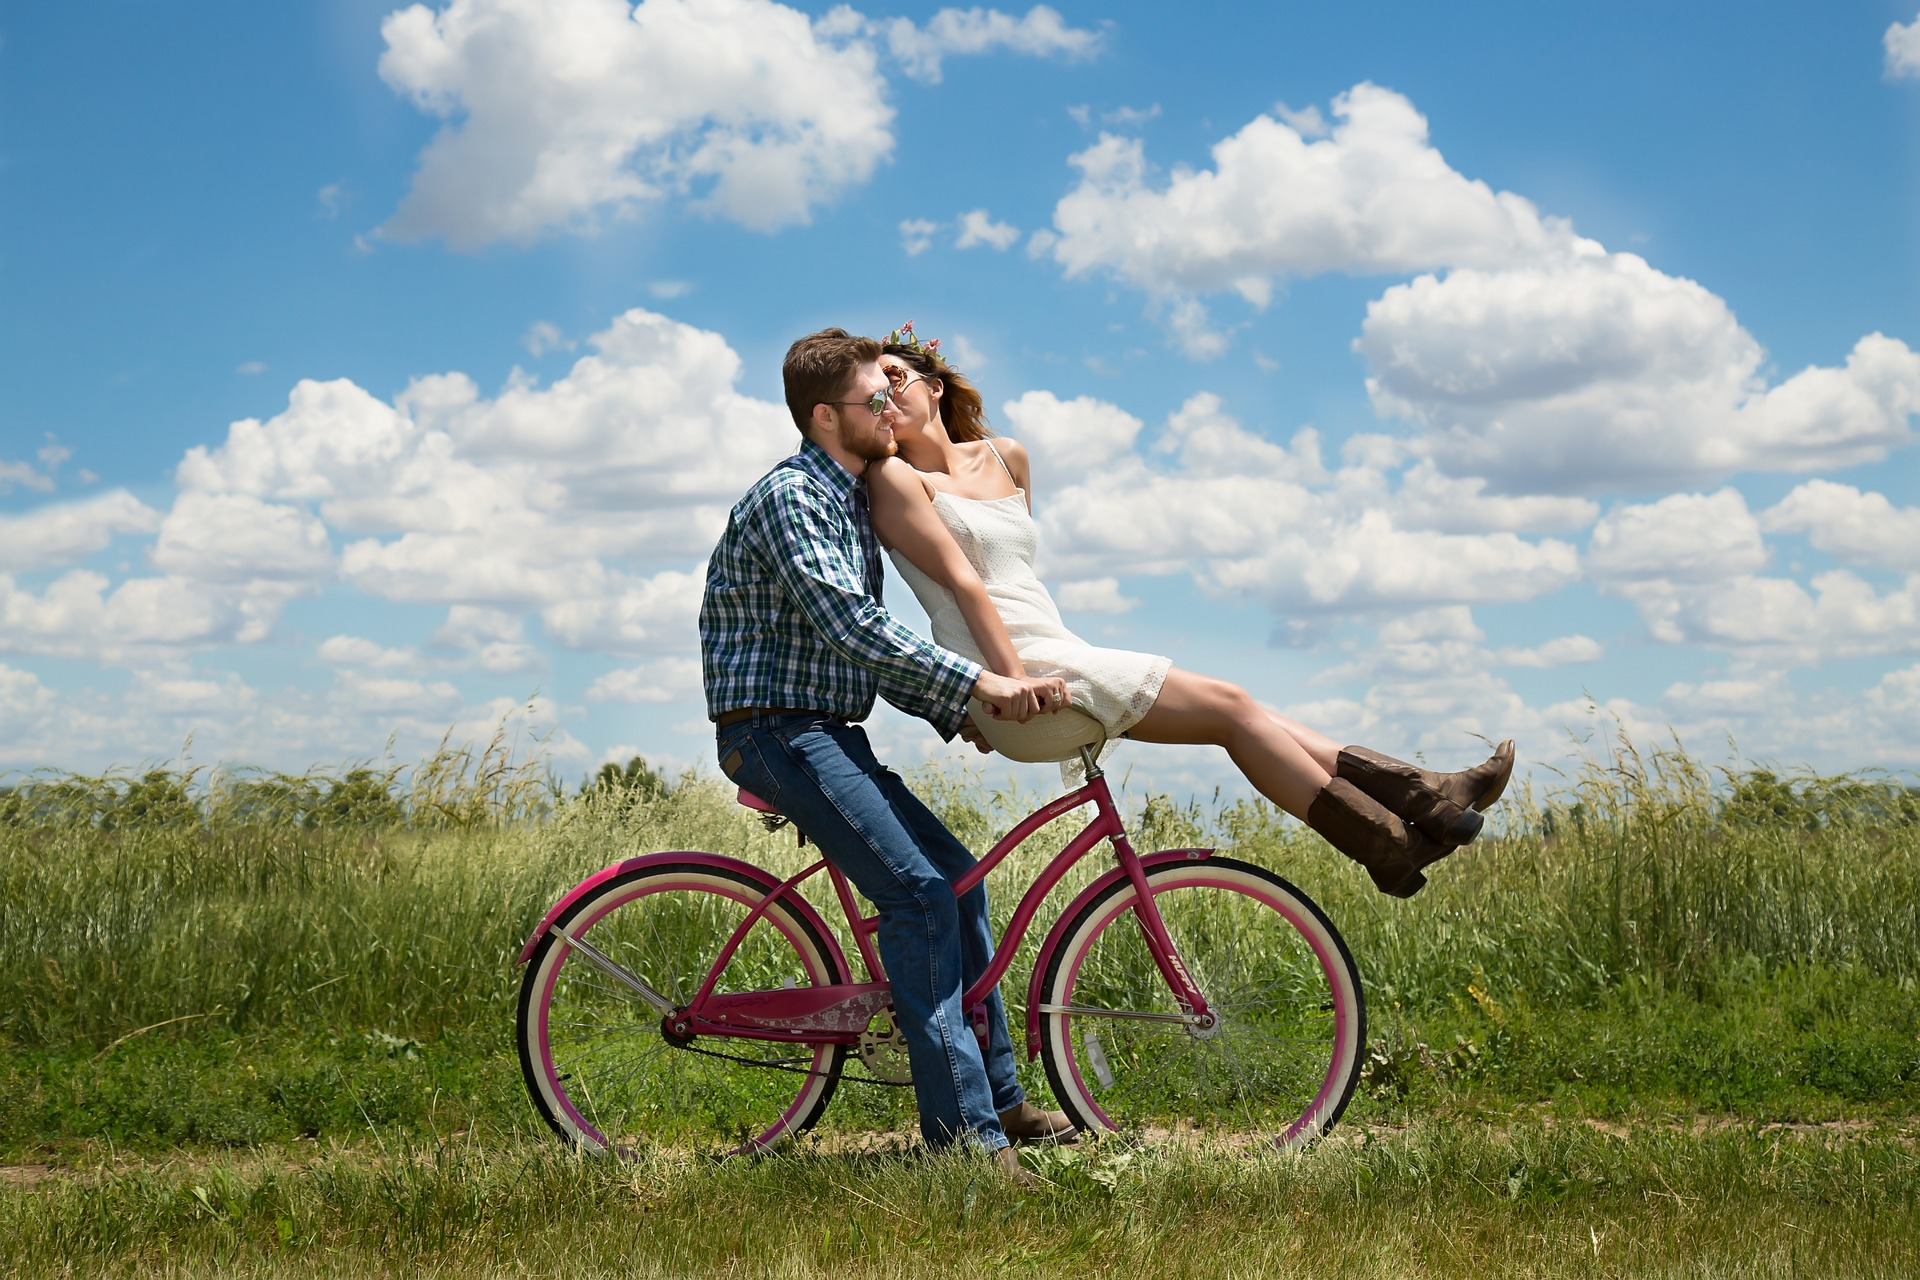 randevú szétválasztási költségek